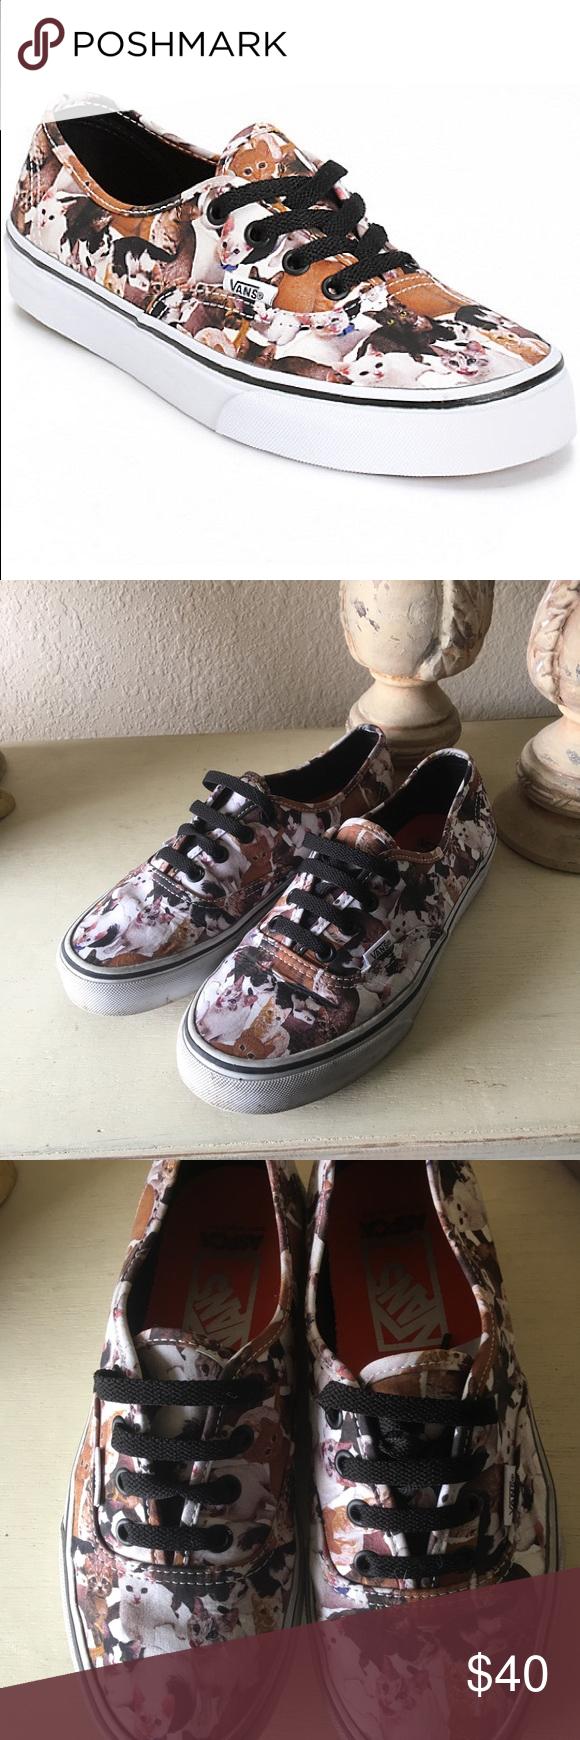 Sold Vans Aspca Authentic Kitten Sneakers Black Laces Sneakers Vans